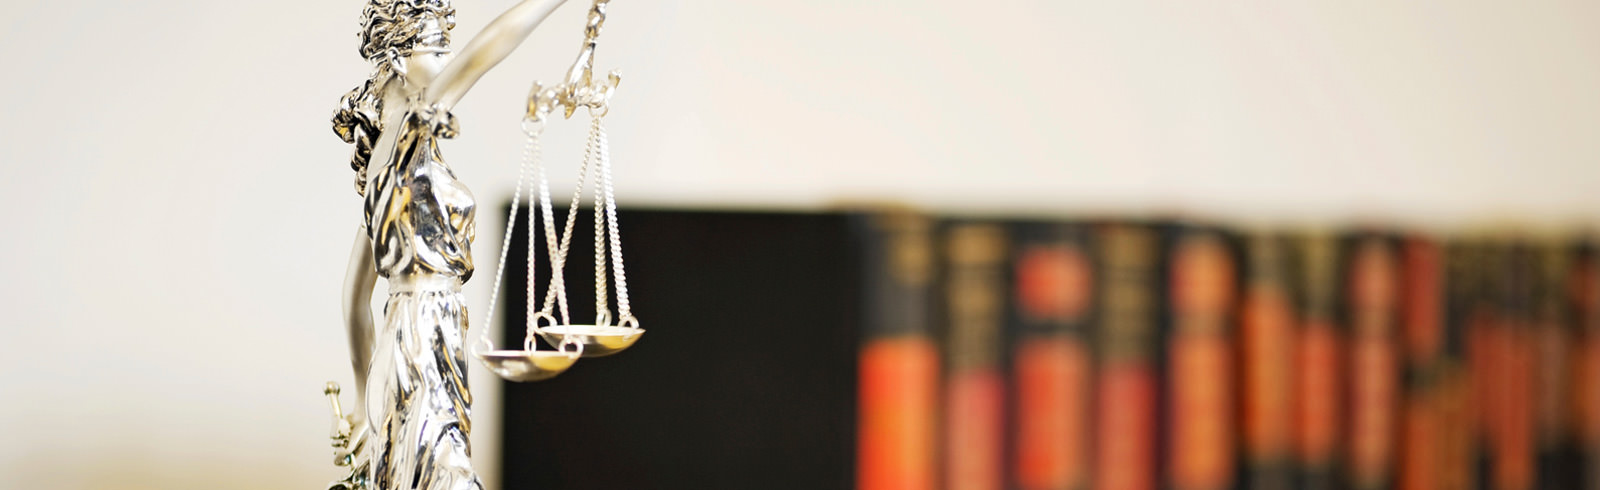 Bild Header: Justizia - Rechtsanwaltskanzlei Spiegelhalter